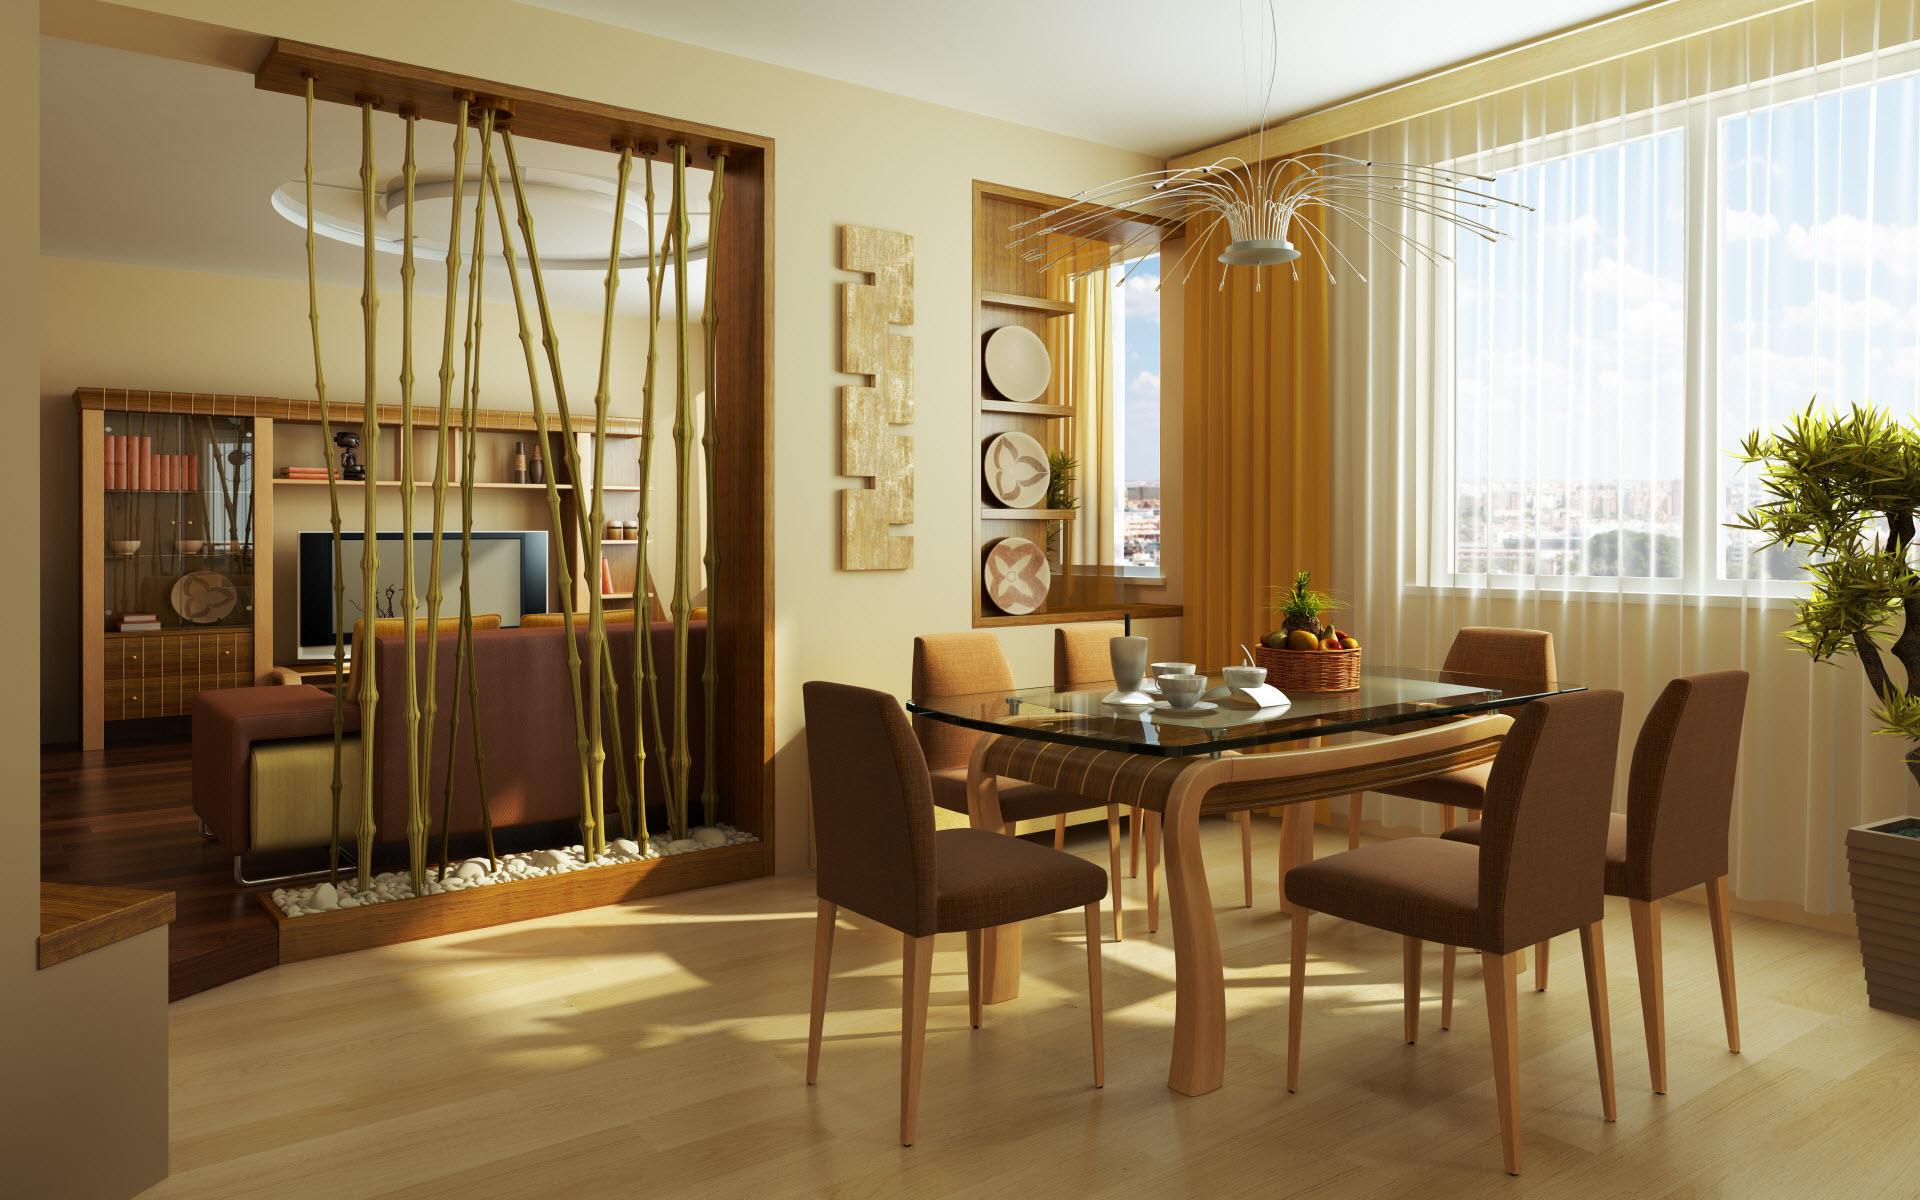 Декоративные стволы бамбука для разделения пространства